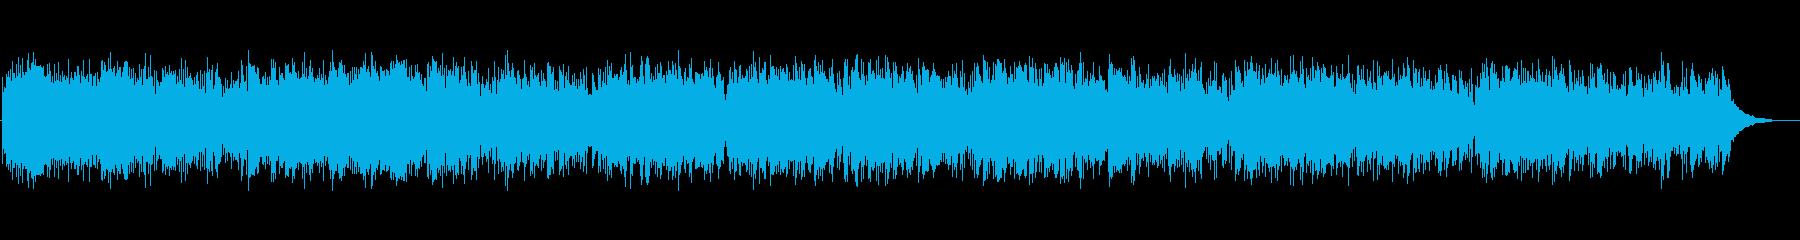 軽快なリズムのアコースティックギターの再生済みの波形